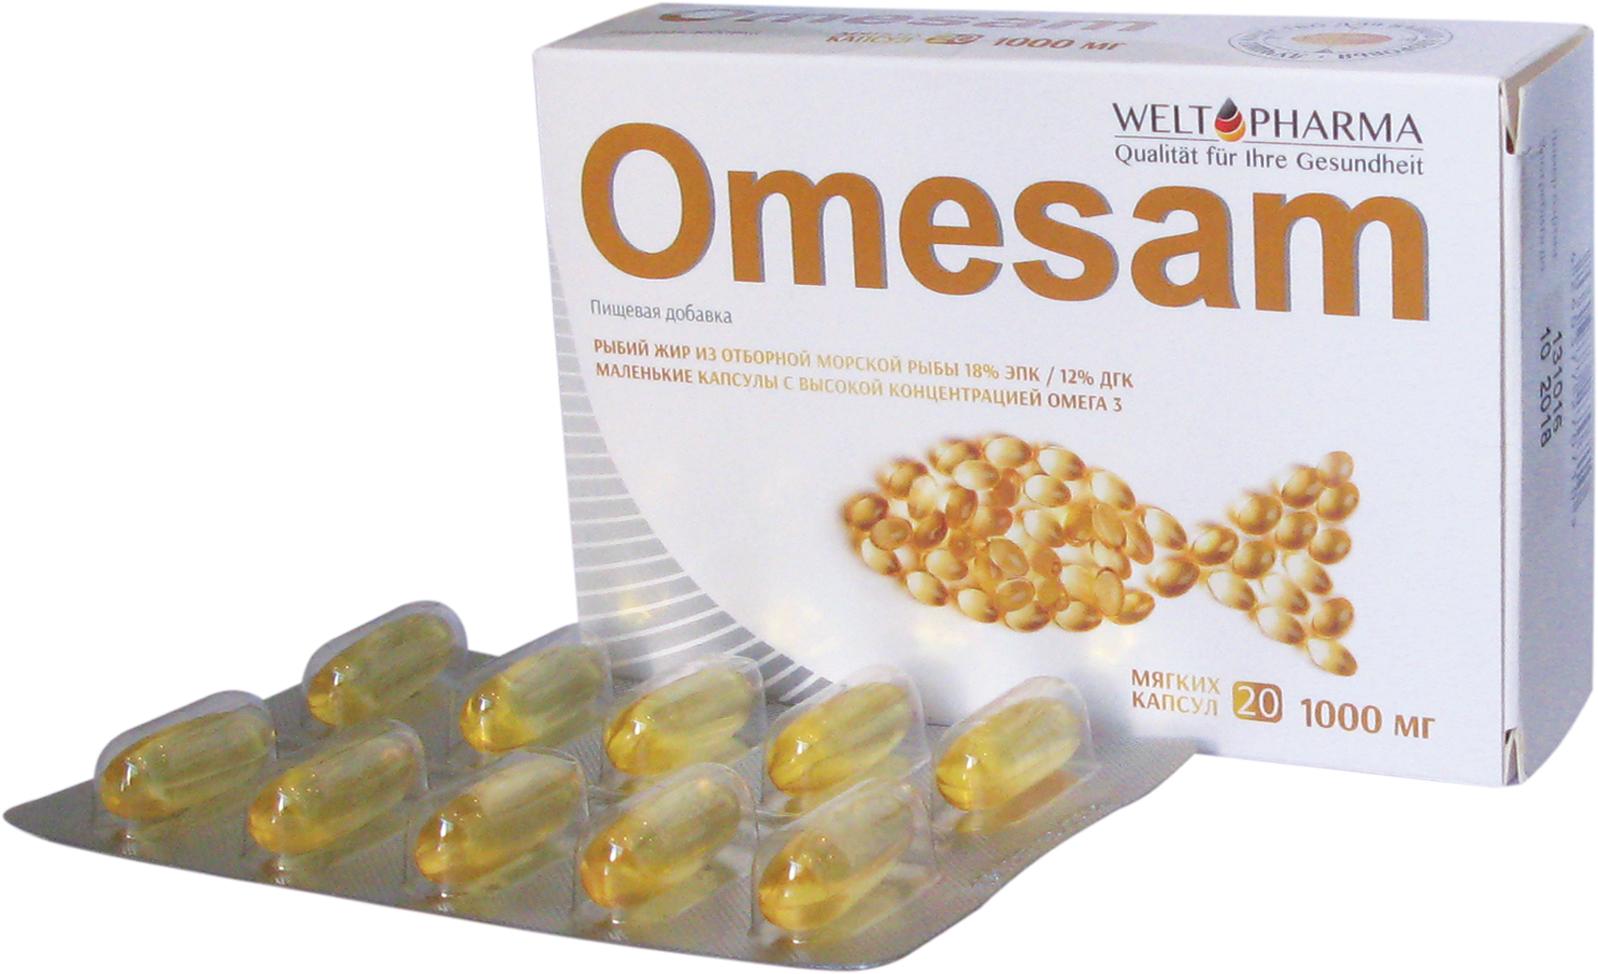 ომესამი / Omesam